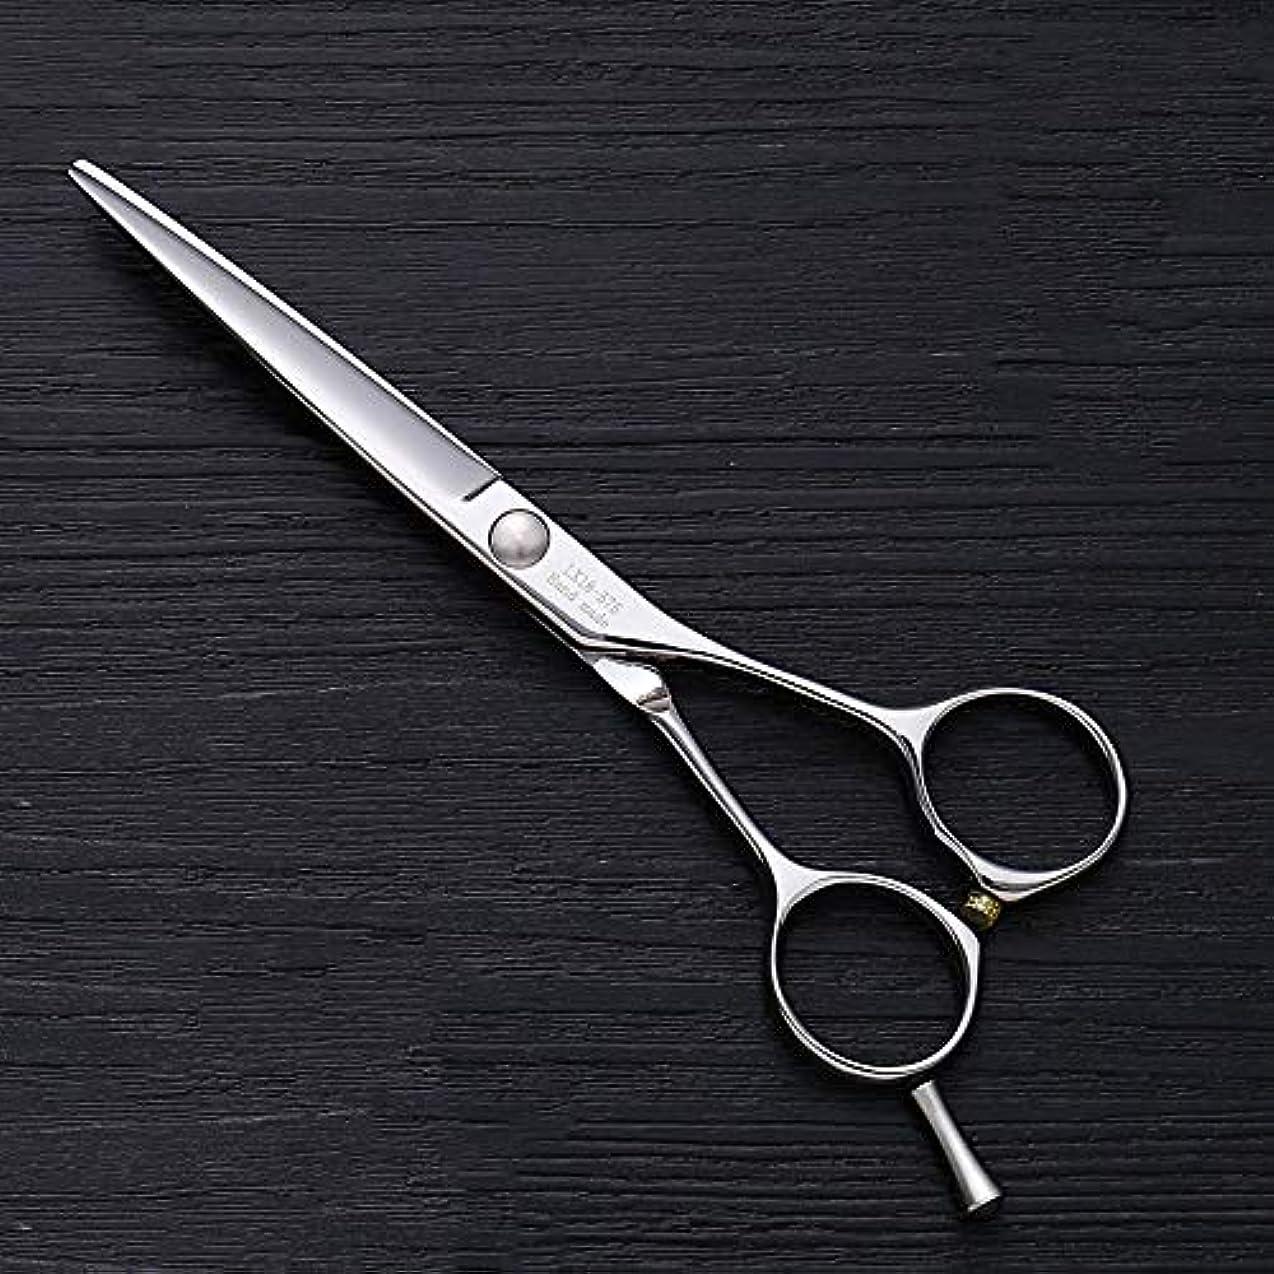 凍った震えるばか5.5インチの理髪はさみ、ヘアースタイリスト特別なAワードカットフラットせん断はさみ ヘアケア (色 : Silver)